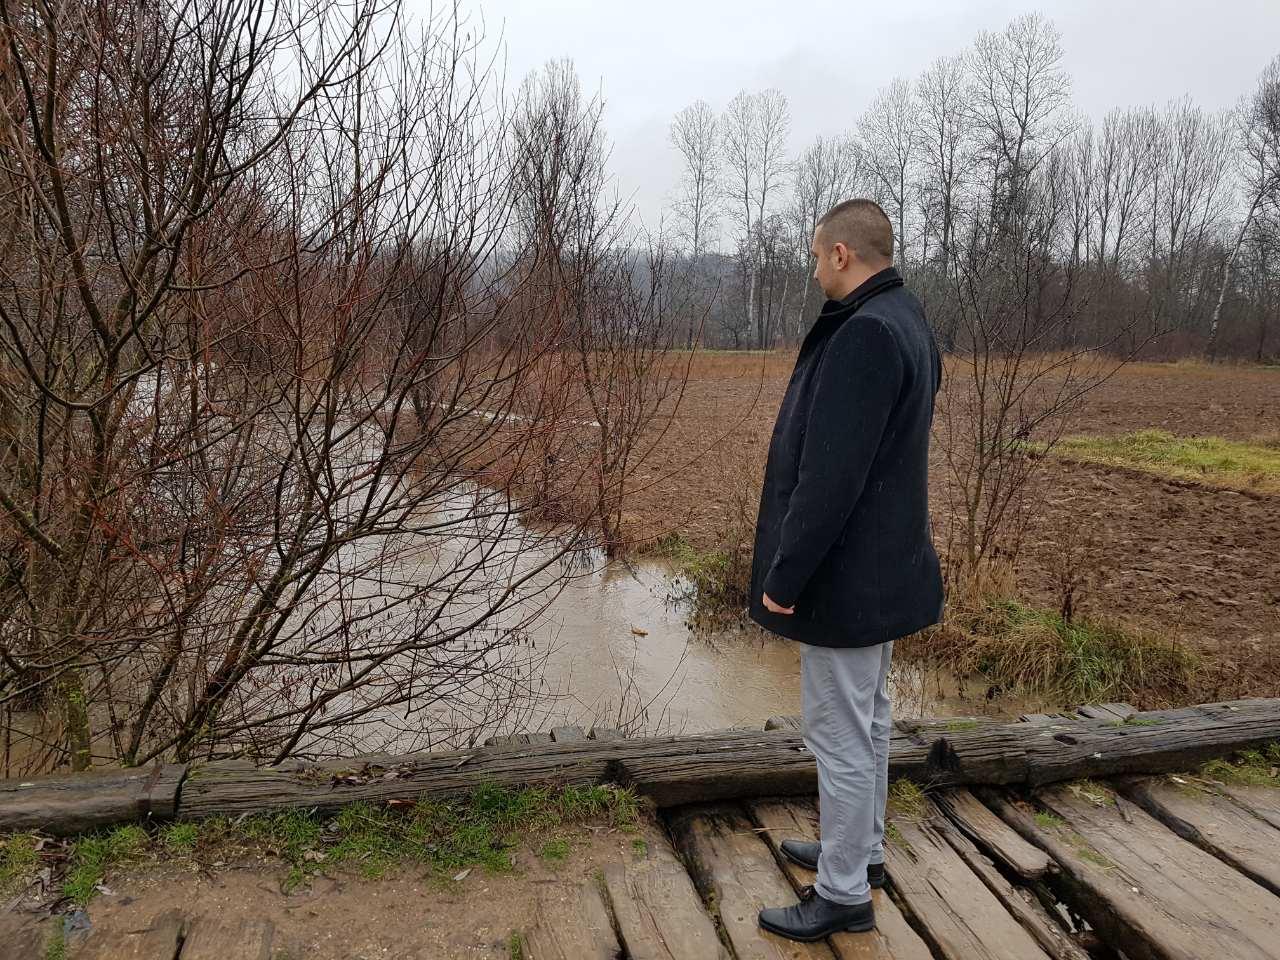 Marković obilazi teren, foto: M.K. / Svrljiške novine